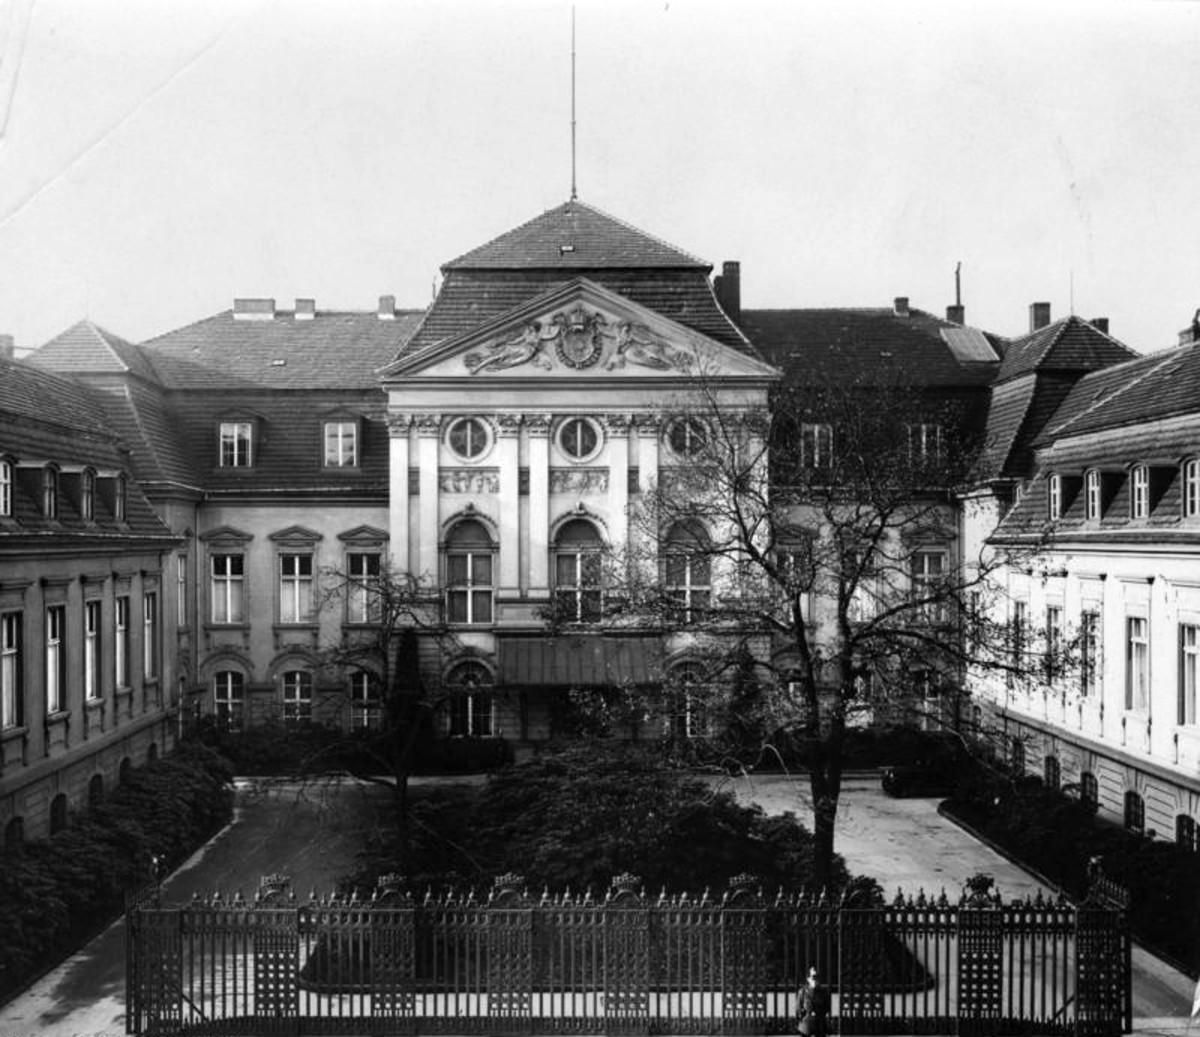 The Nazis' Hossbach Memorandum Document of 1937